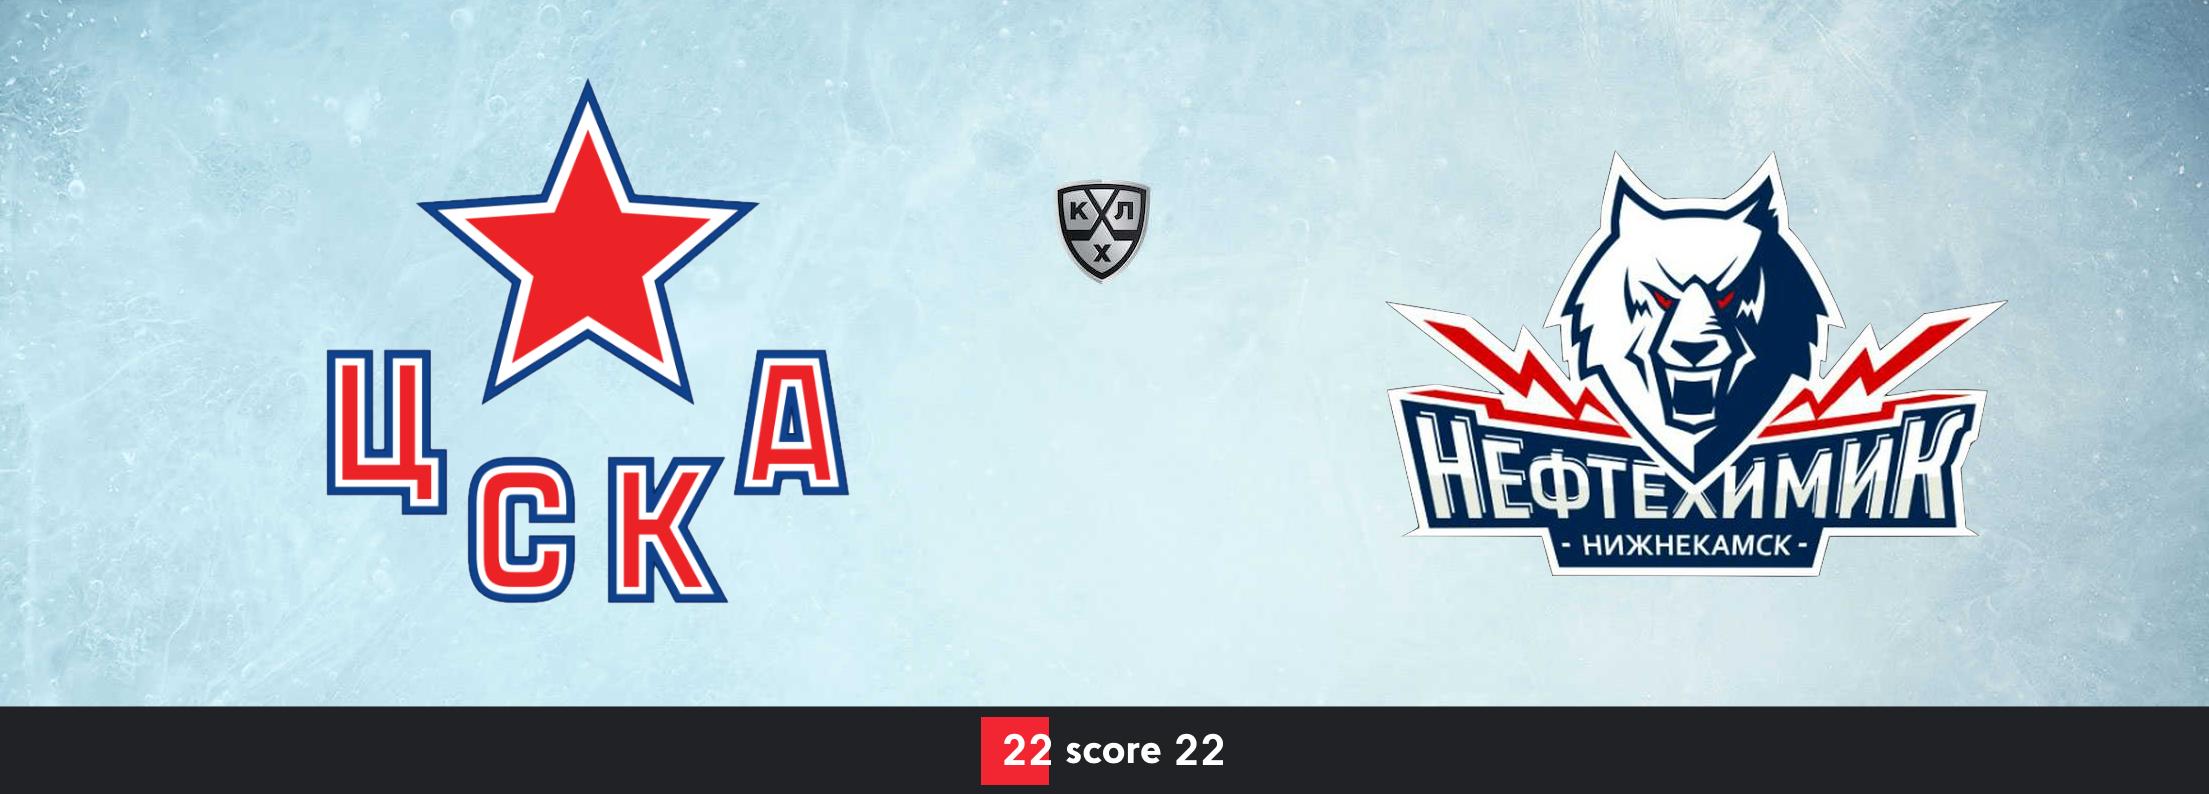 Хоккей   КХЛ. ЦСКА Москва  — Нефтехимик 08.01.2021